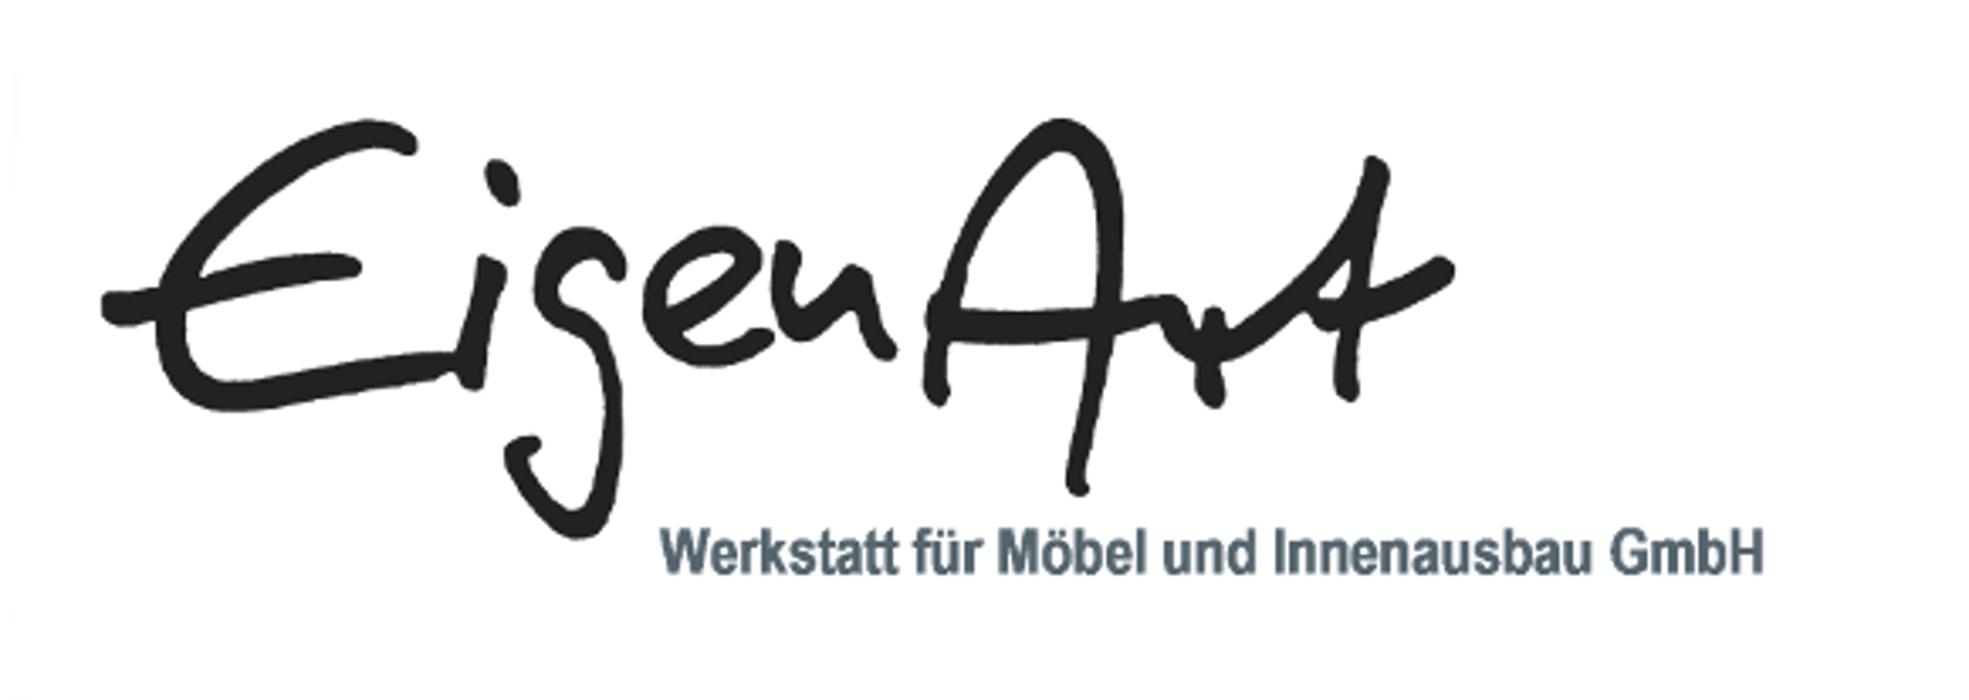 EigenArt Werkstatt für Möbel und Innenausbau GmbH in Berlin ...